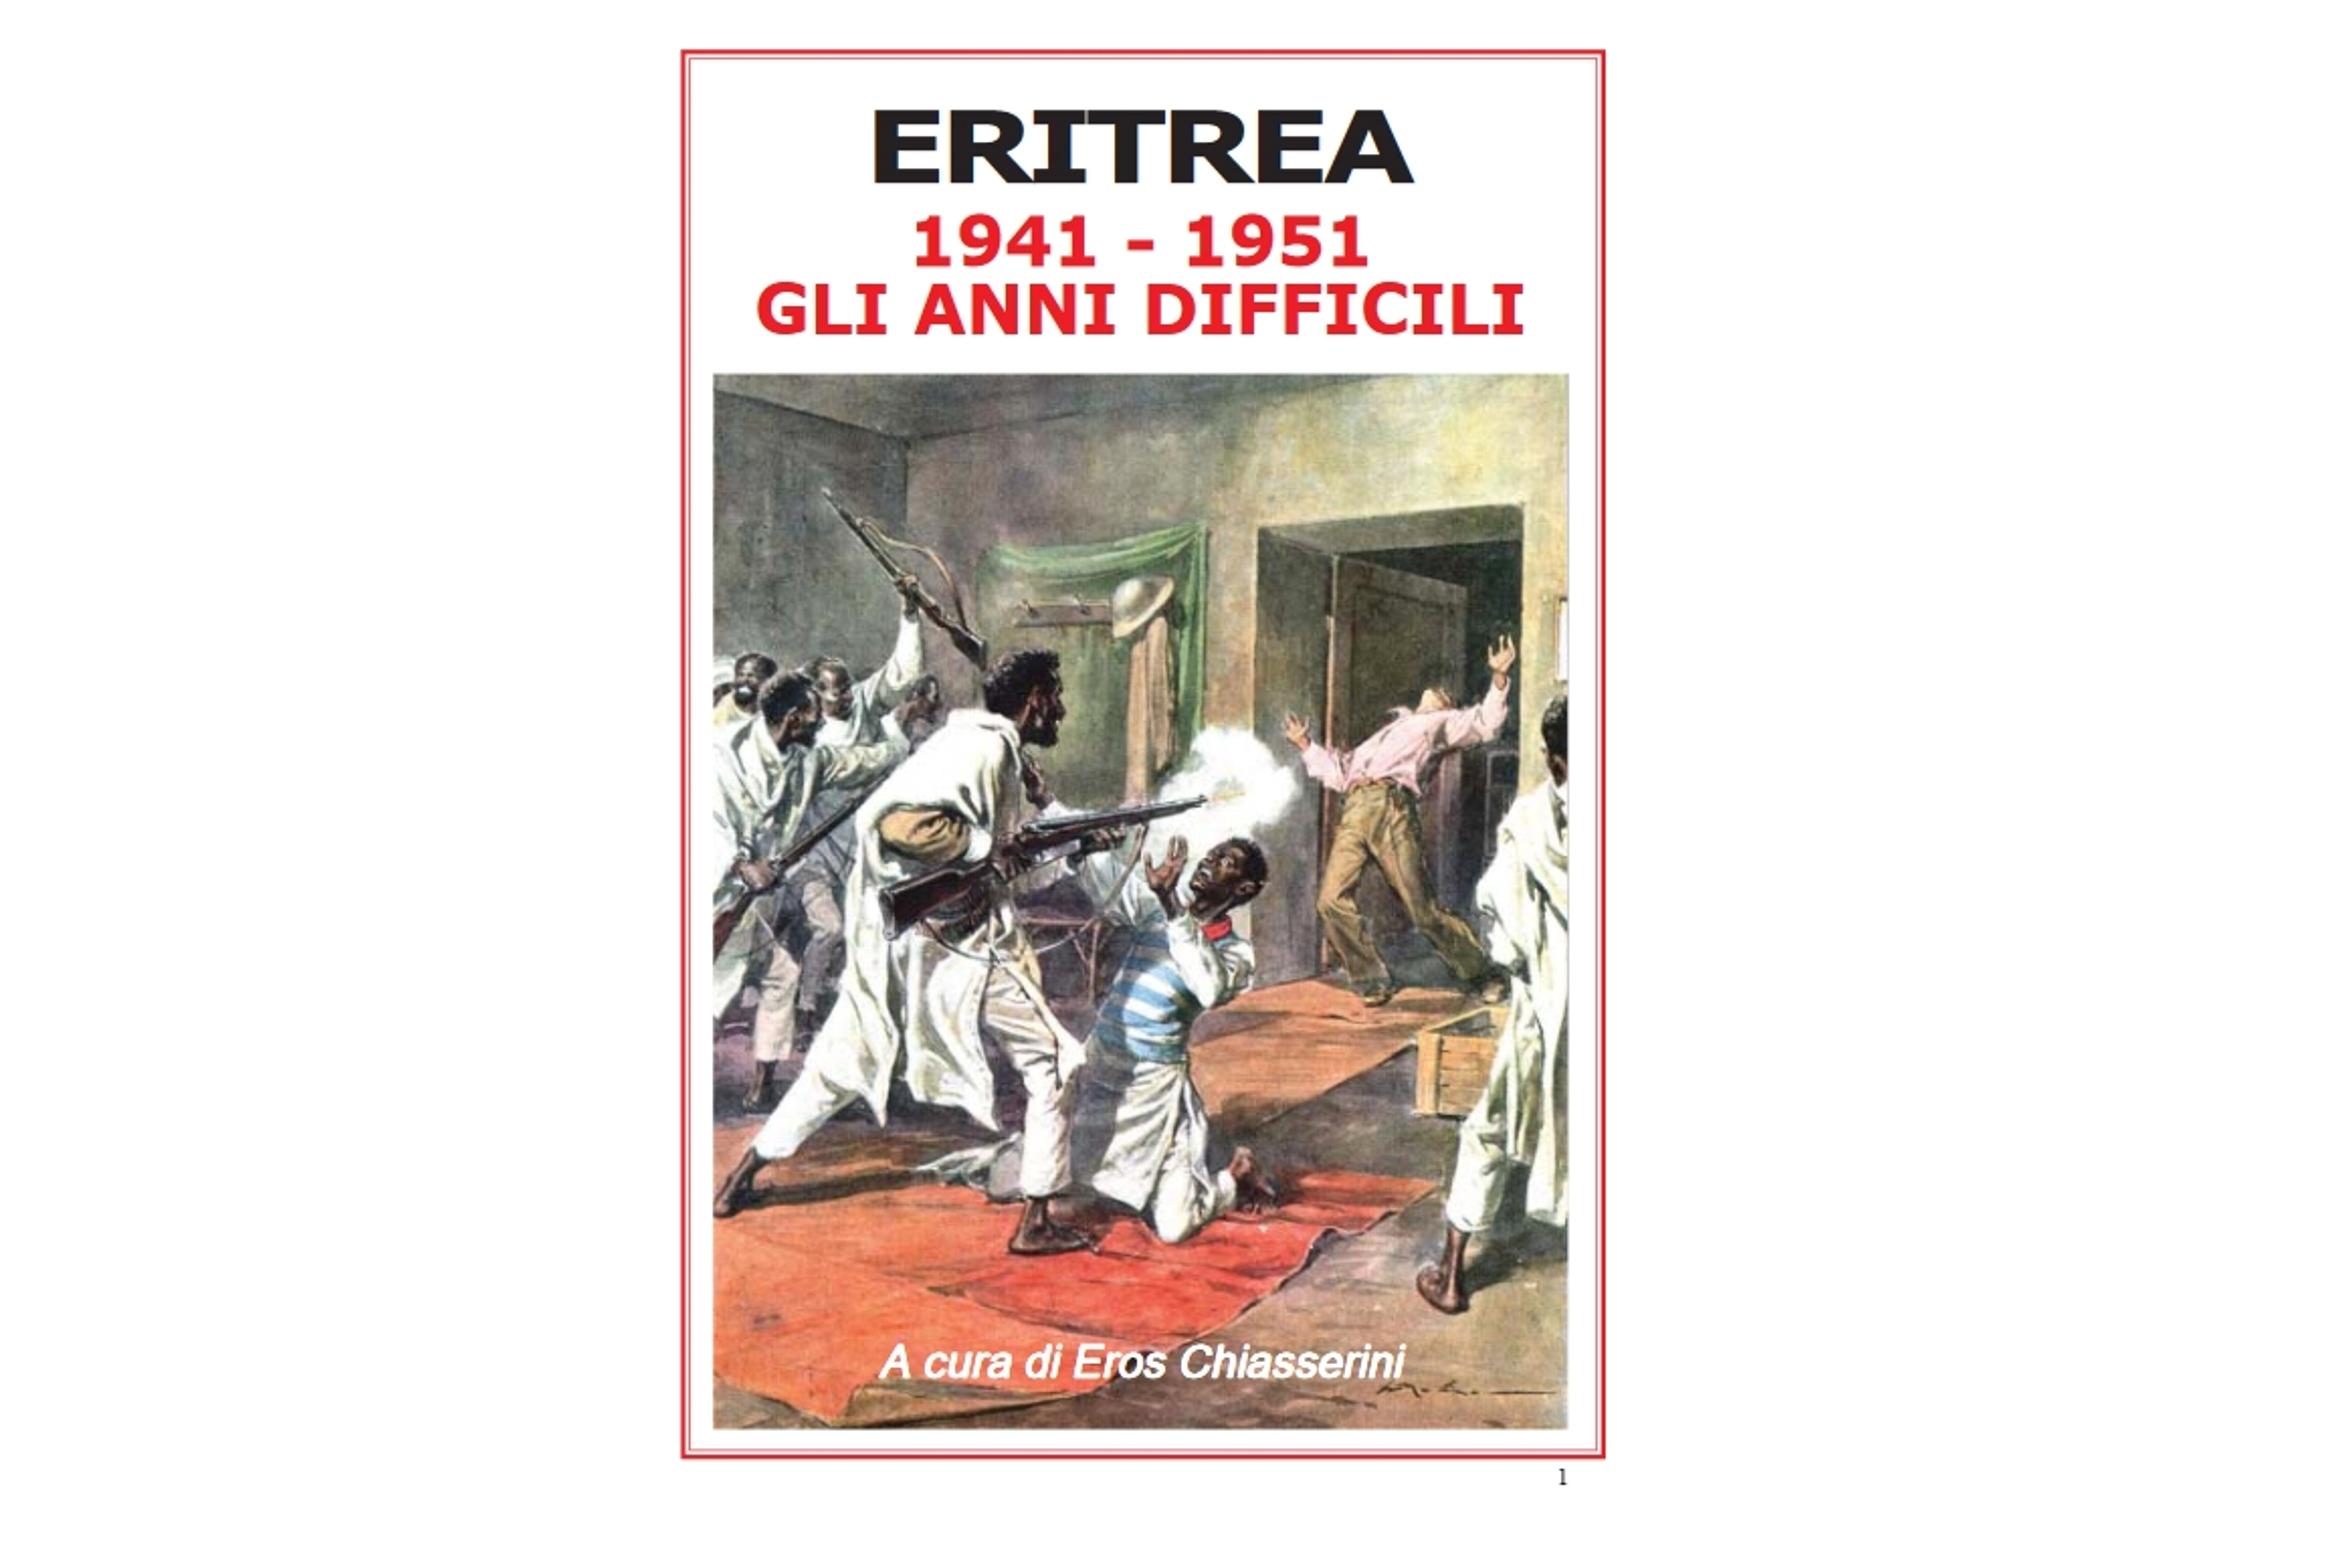 ERITREA 1941-1951. GLI ANNI DIFFICILI